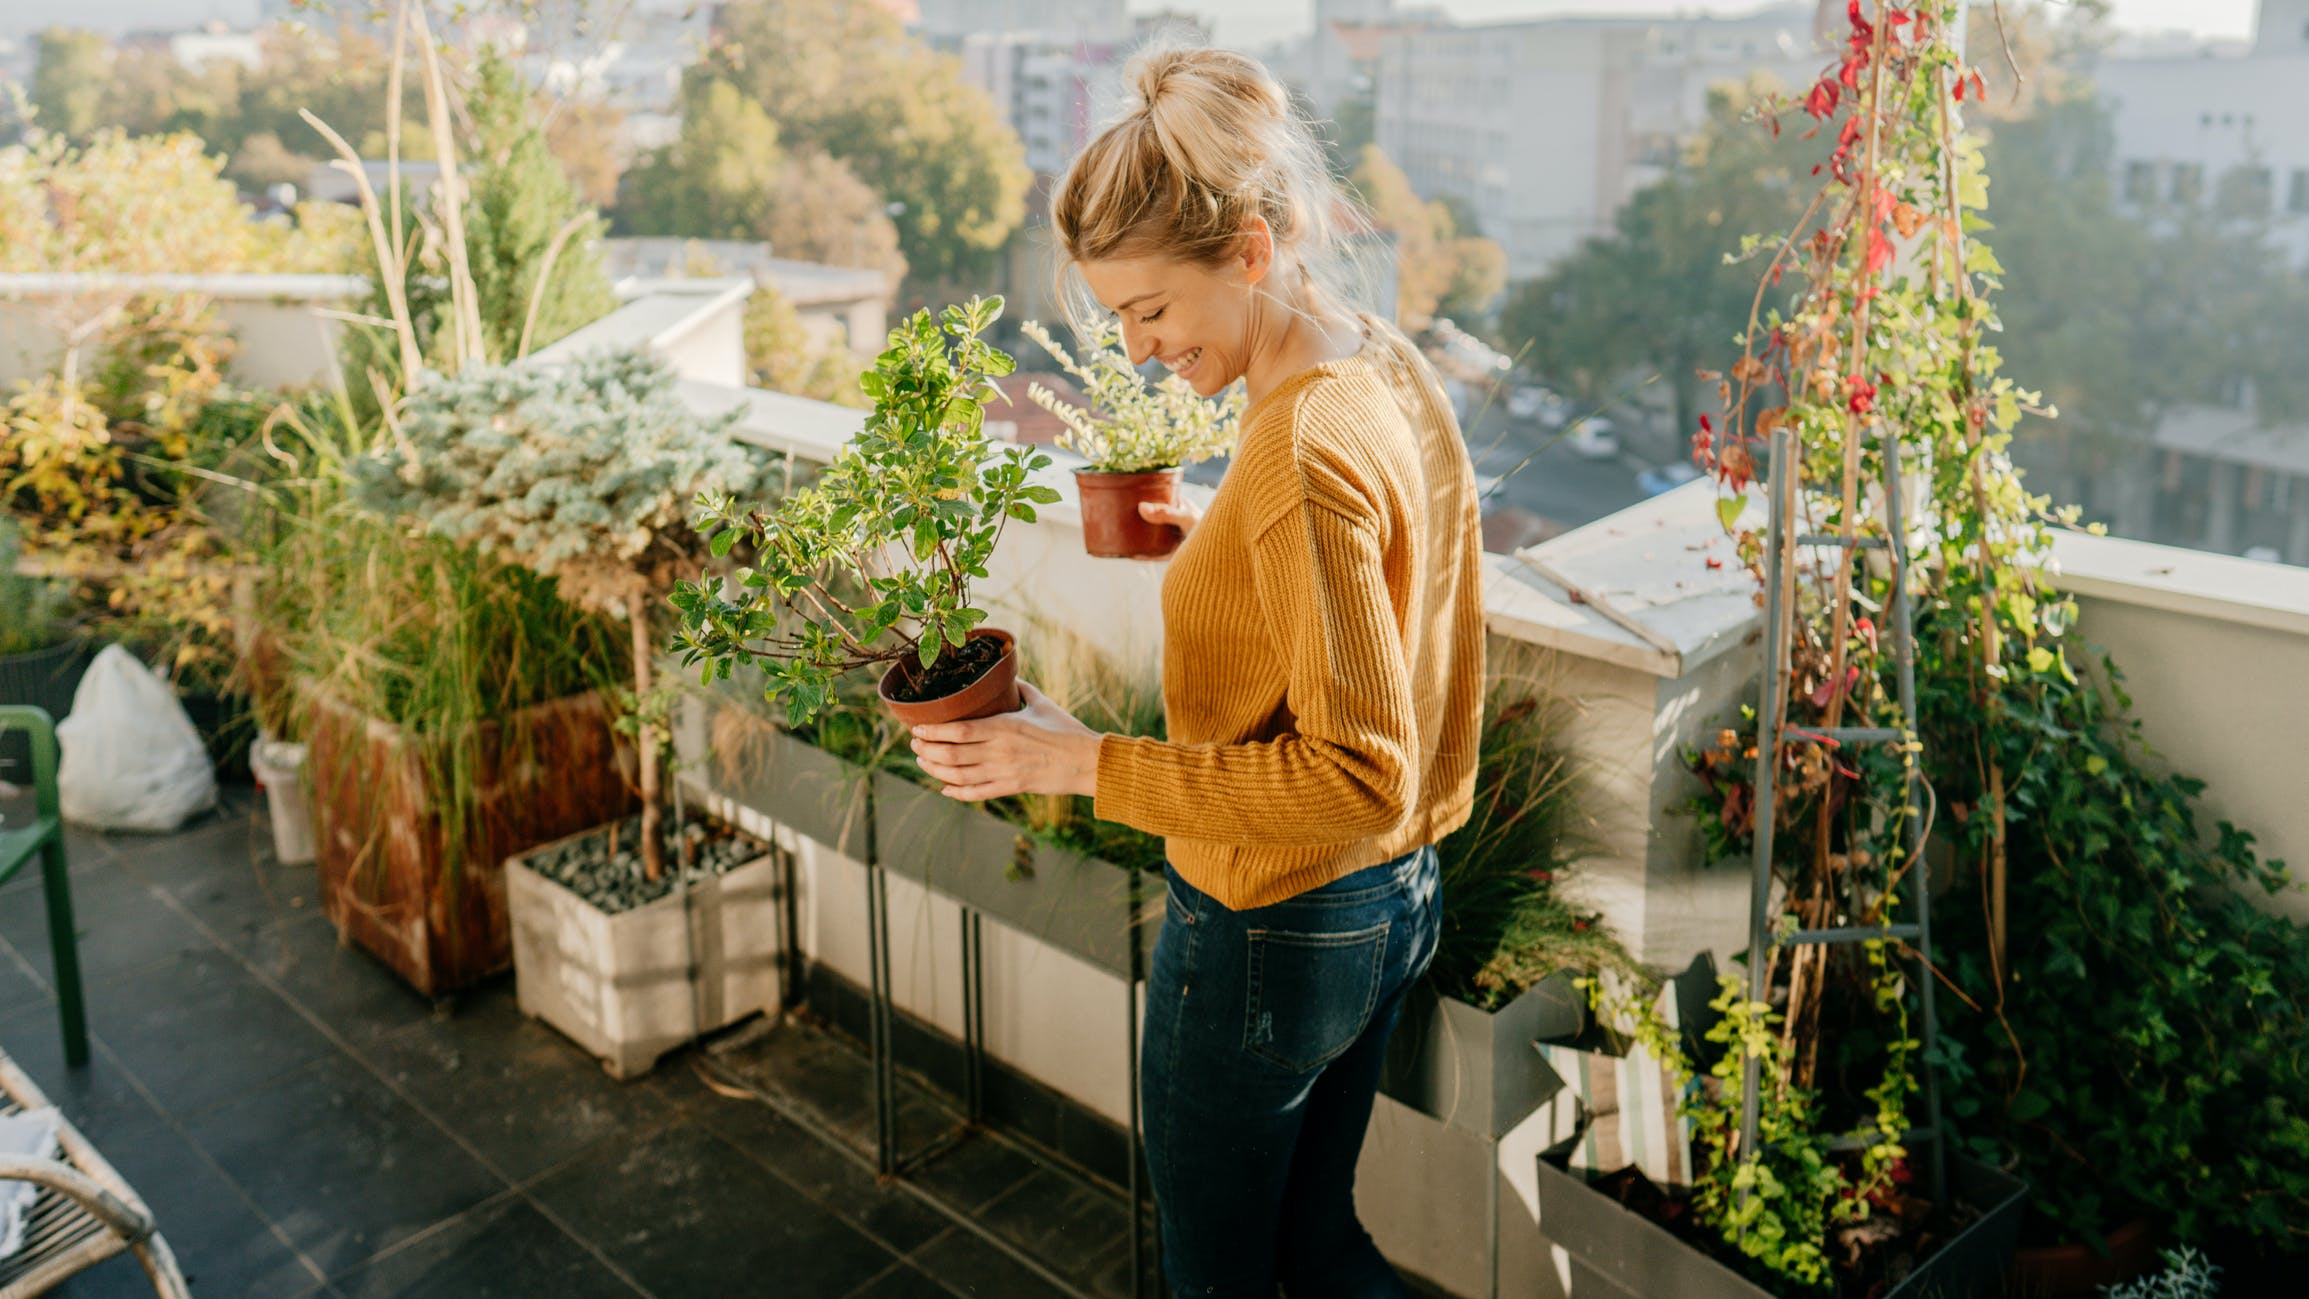 Balkony, tarasy i ogrody na wagę złota - raport Domondo